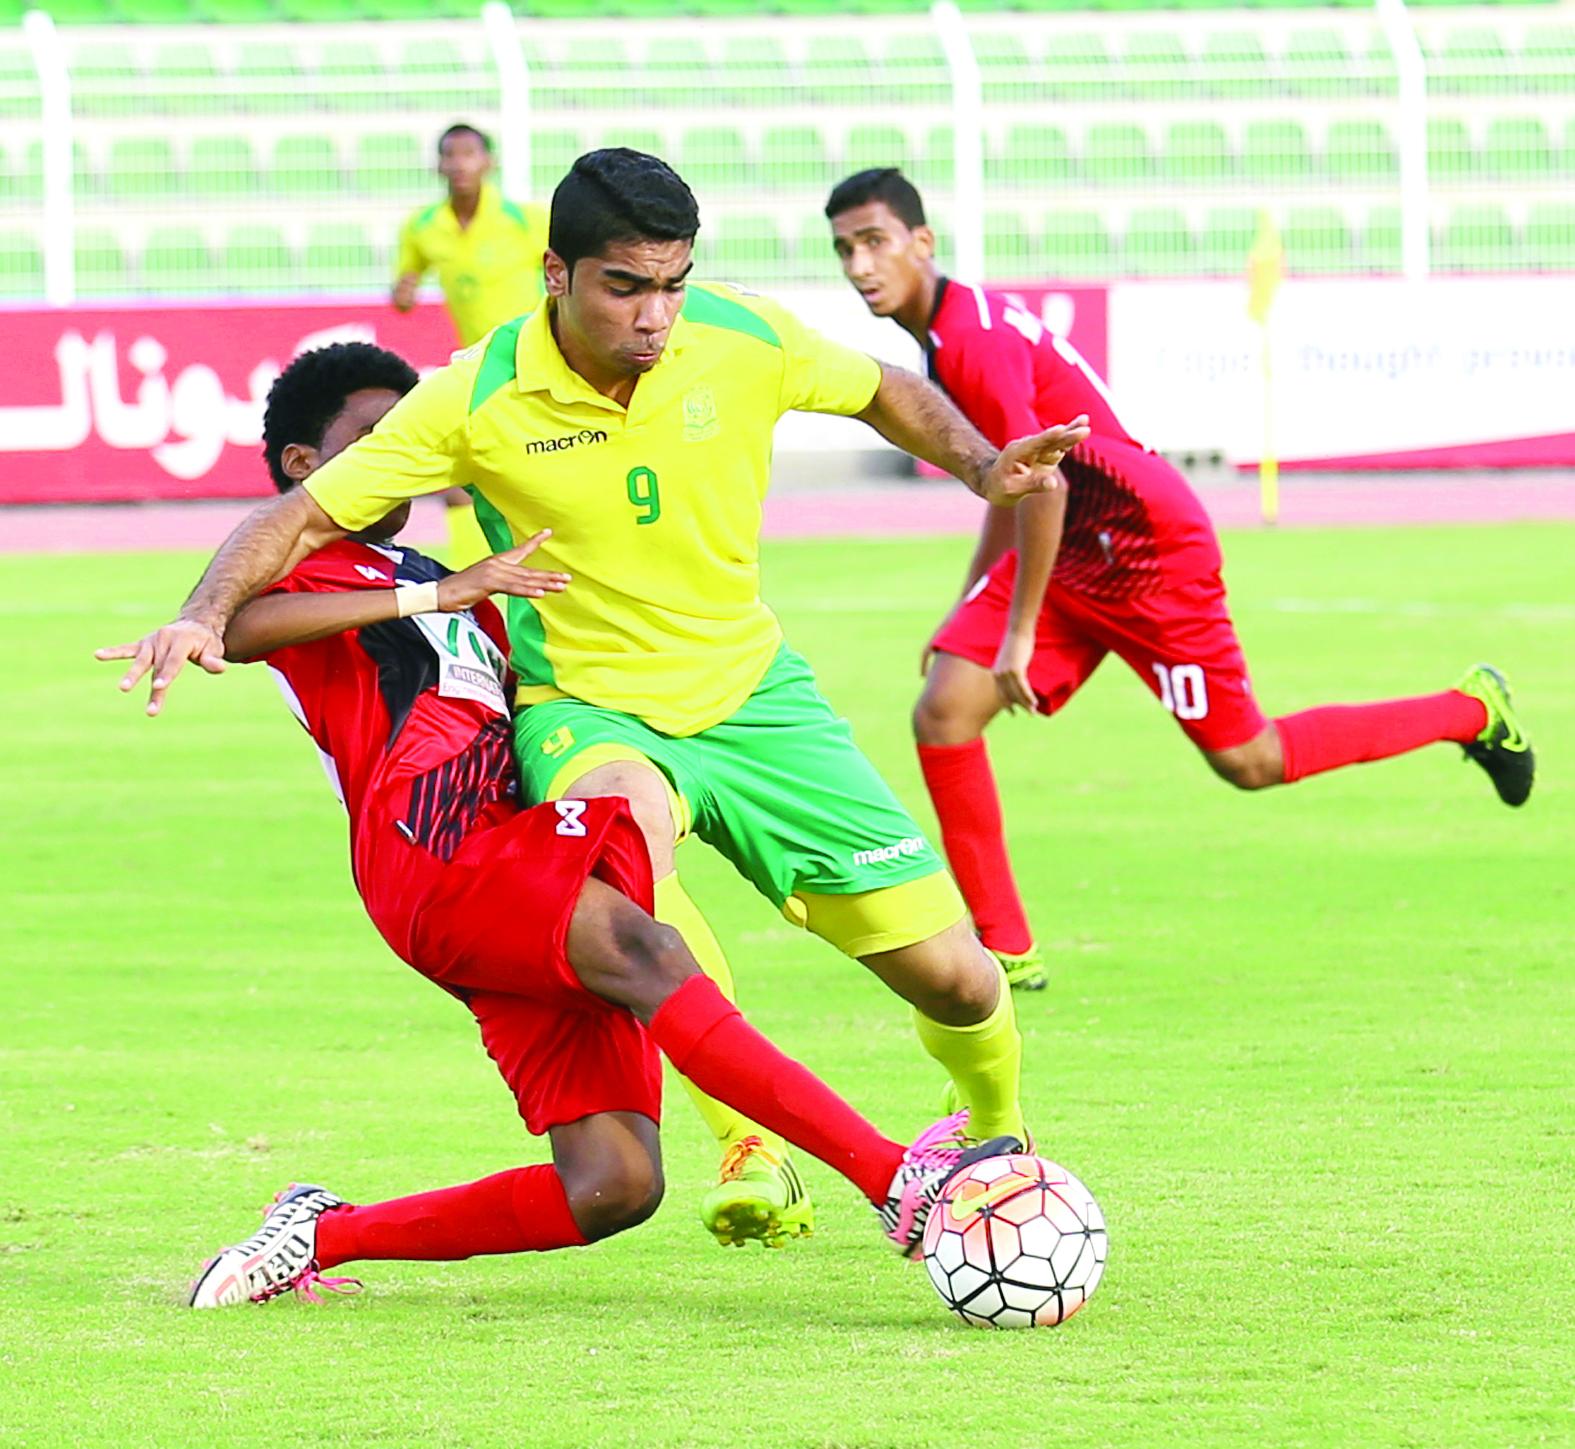 السيب والسلام إلى نهائي دوري الشباب لكرة القدم